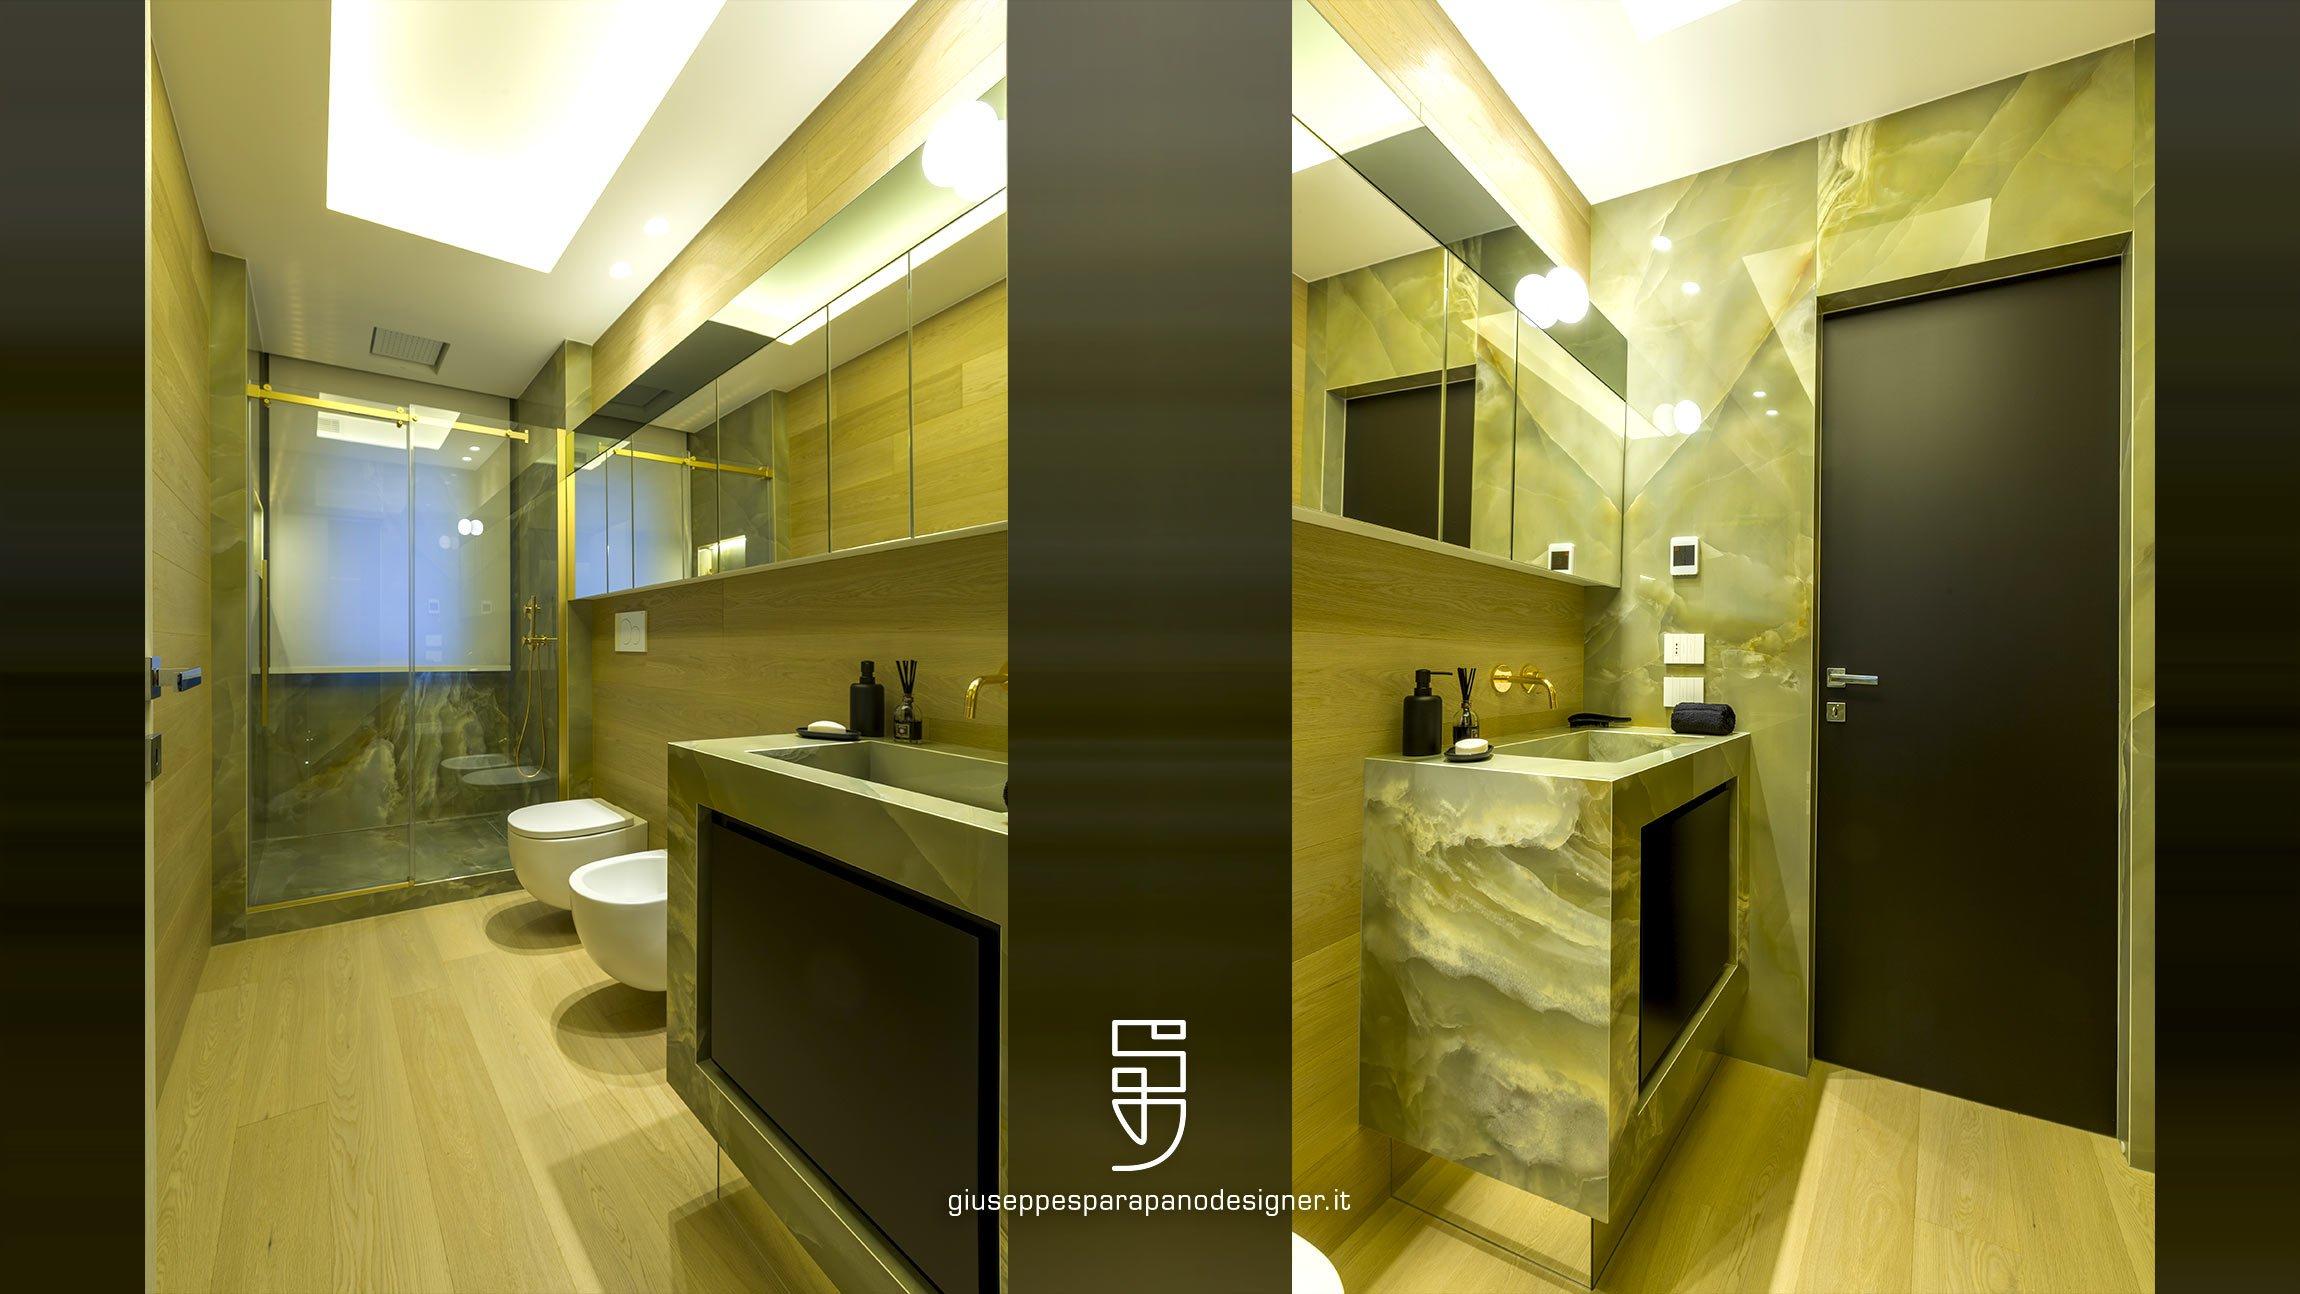 bagno con box doccia e lavandino in kerlite onice verde e sanitari sospesi illuminato a led by Vizzuno e parquet in rovere